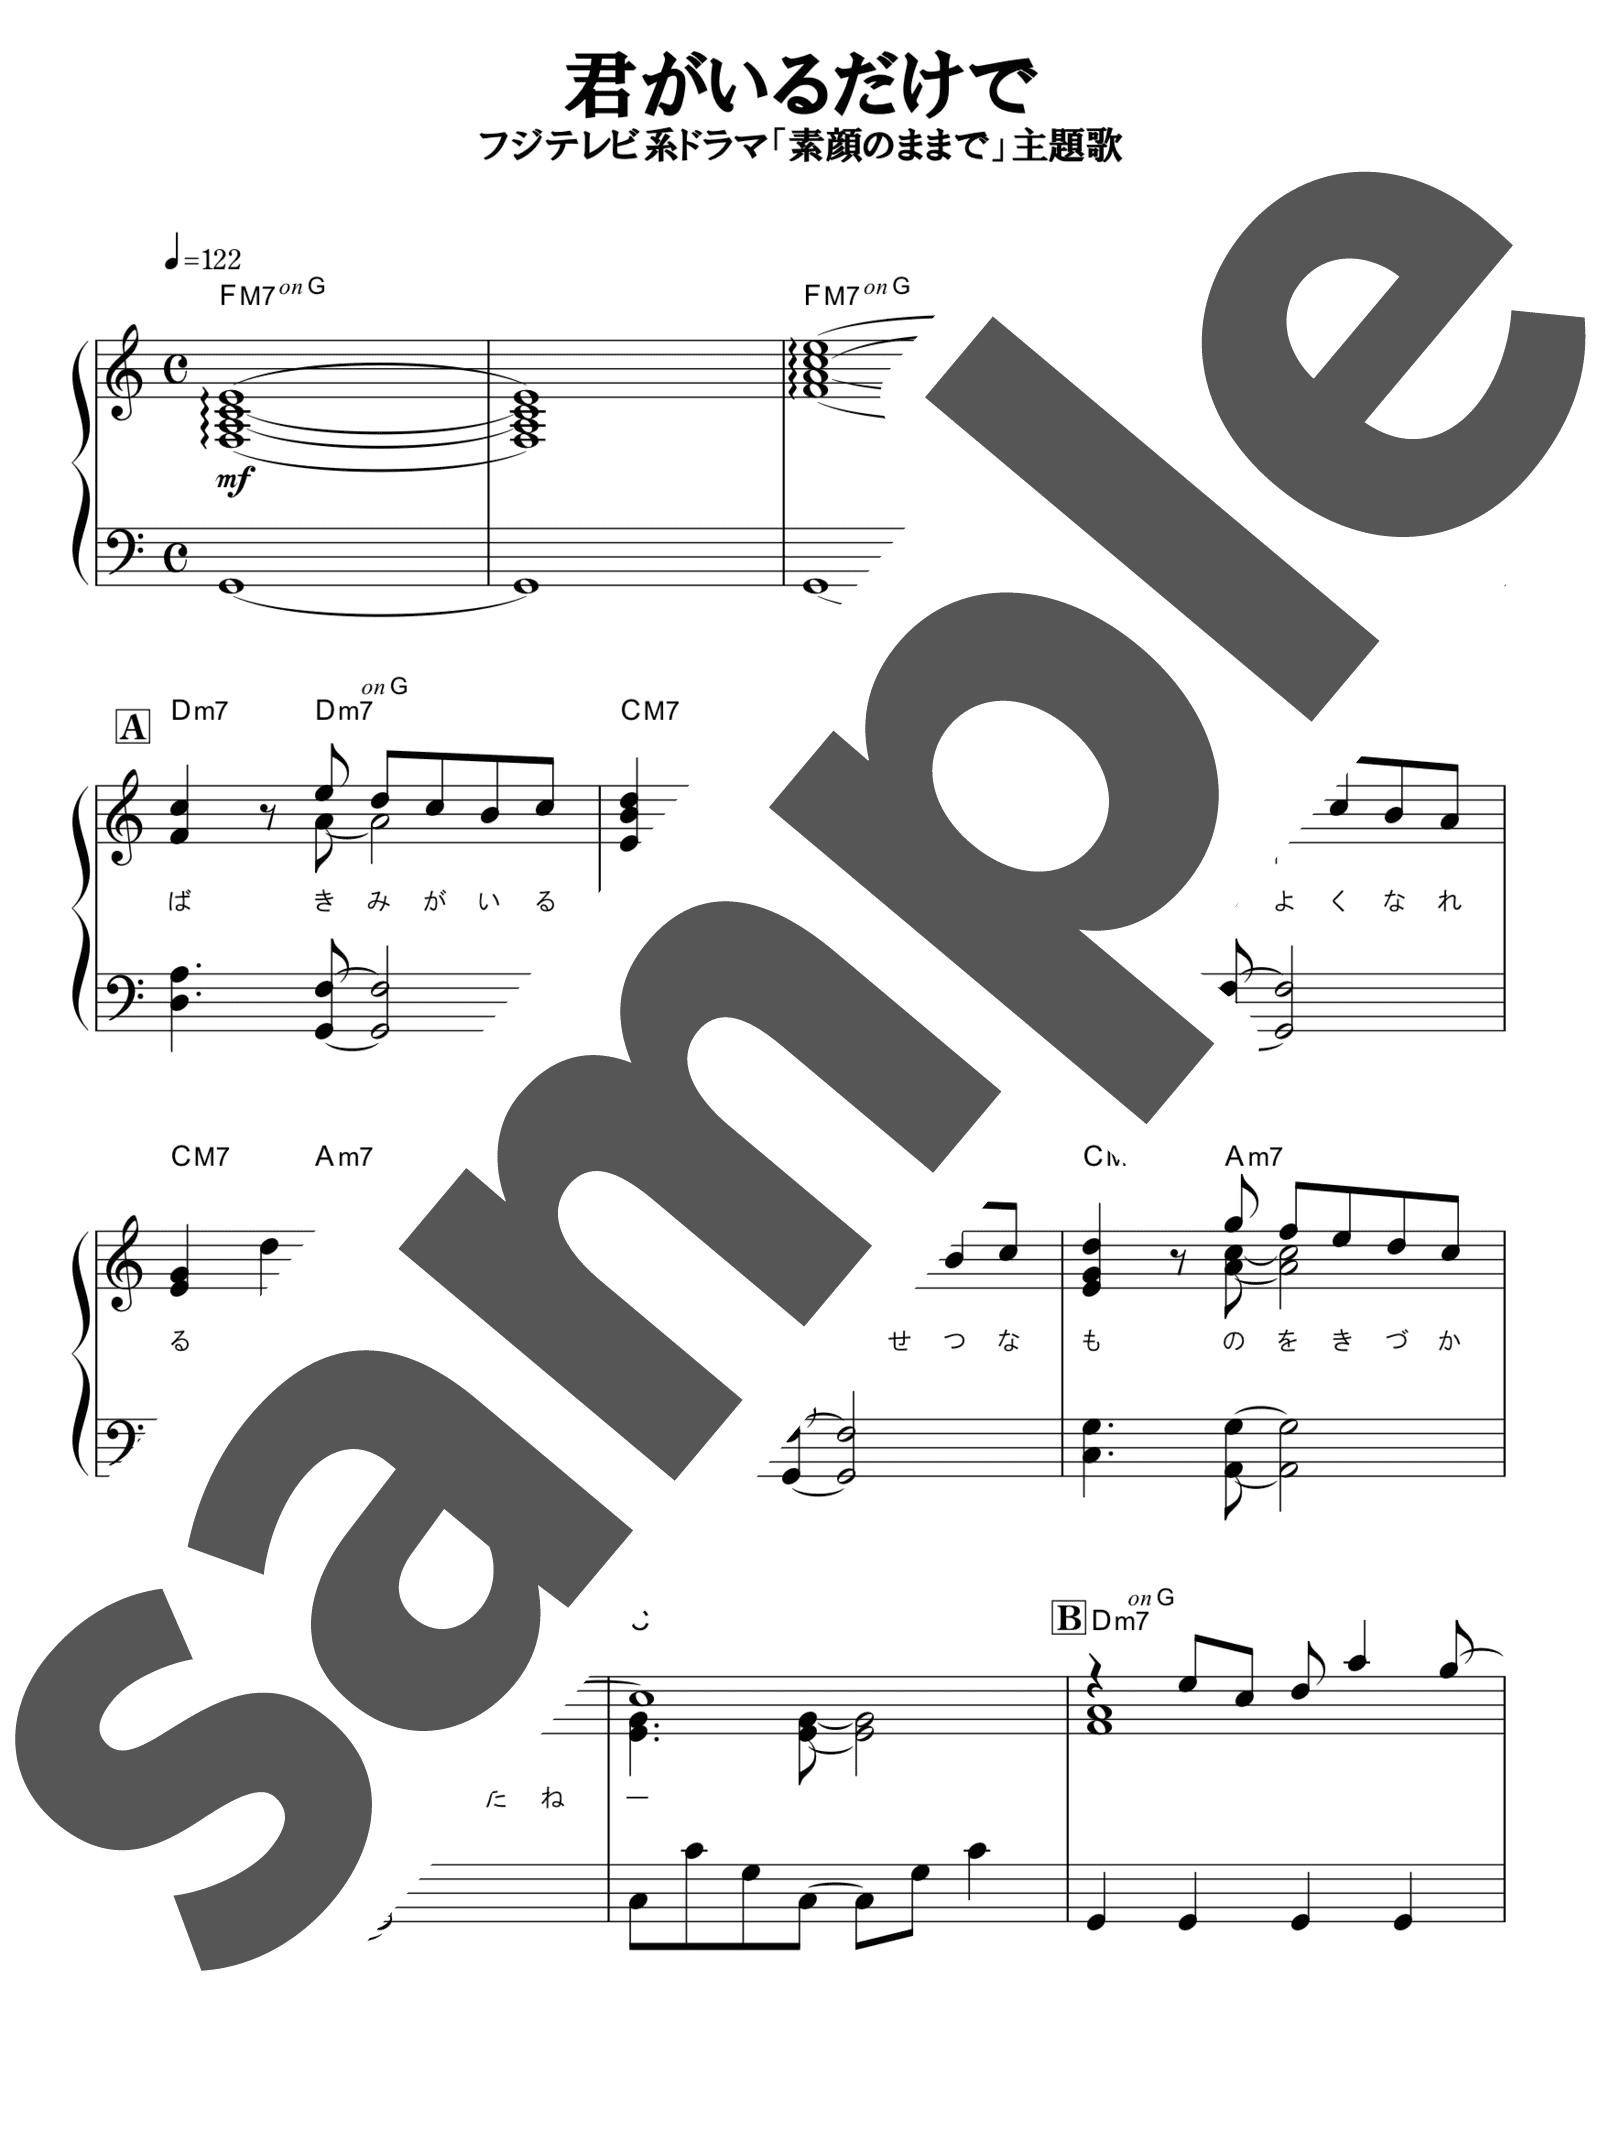 「君がいるだけで」のサンプル楽譜